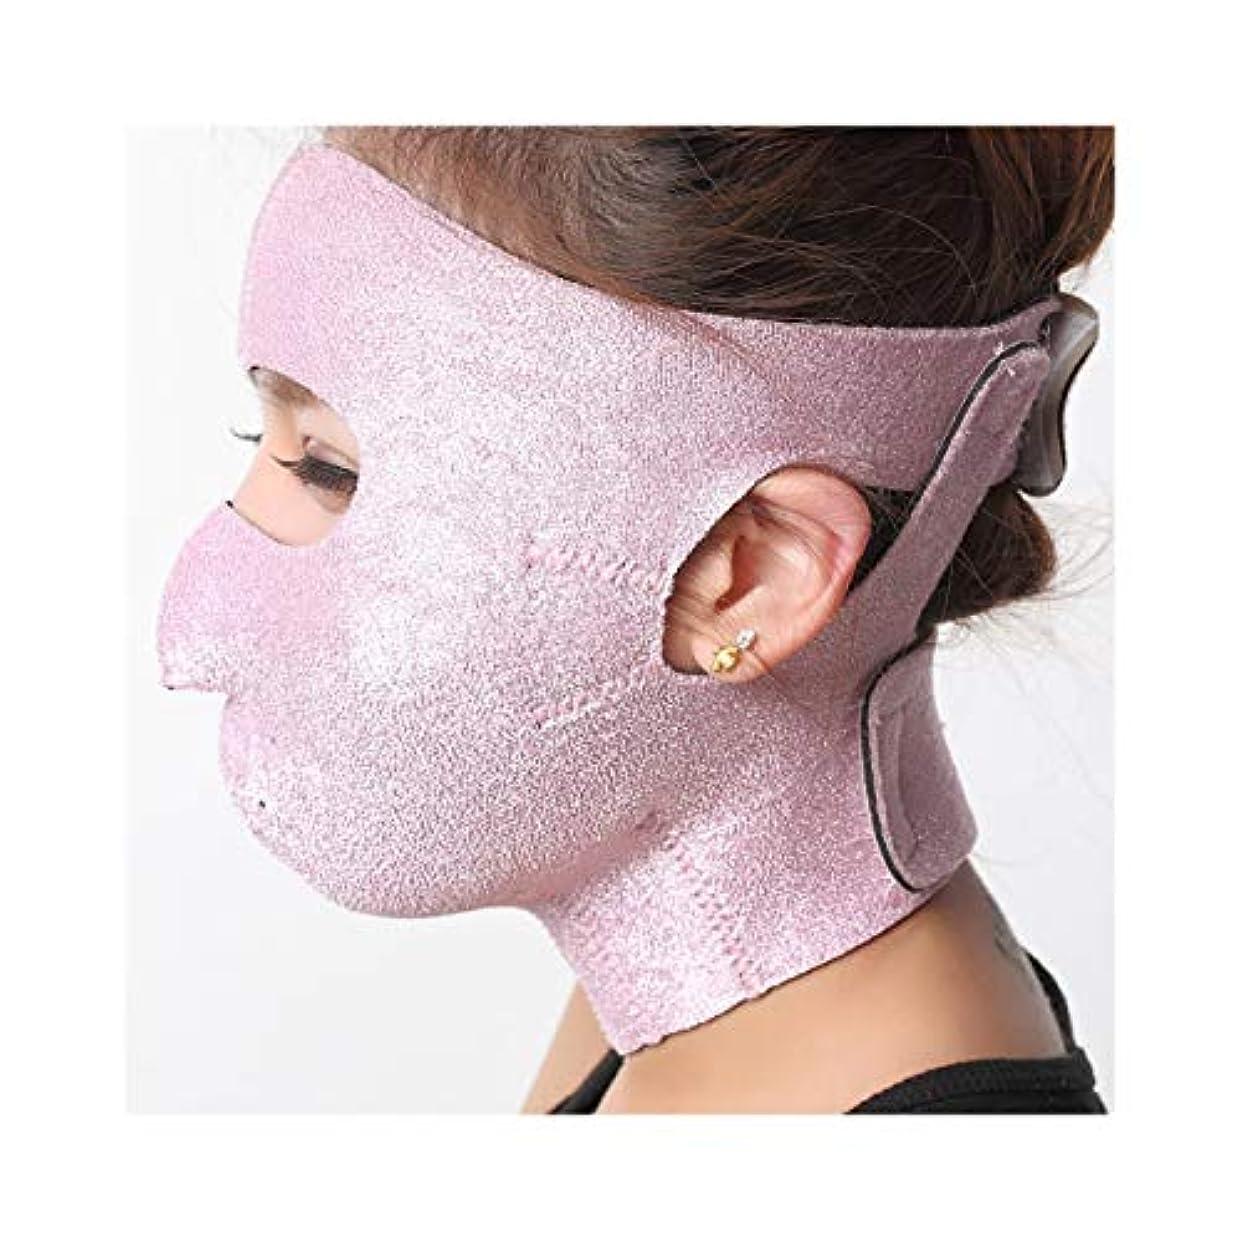 戦艦トリム運ぶTLMY 引き締めマスク小さなVフェイスアーティファクト睡眠薄いフェイス包帯マスクと引き締めマスク引き締めクリームフェイスリフトフェイスメロン 顔用整形マスク